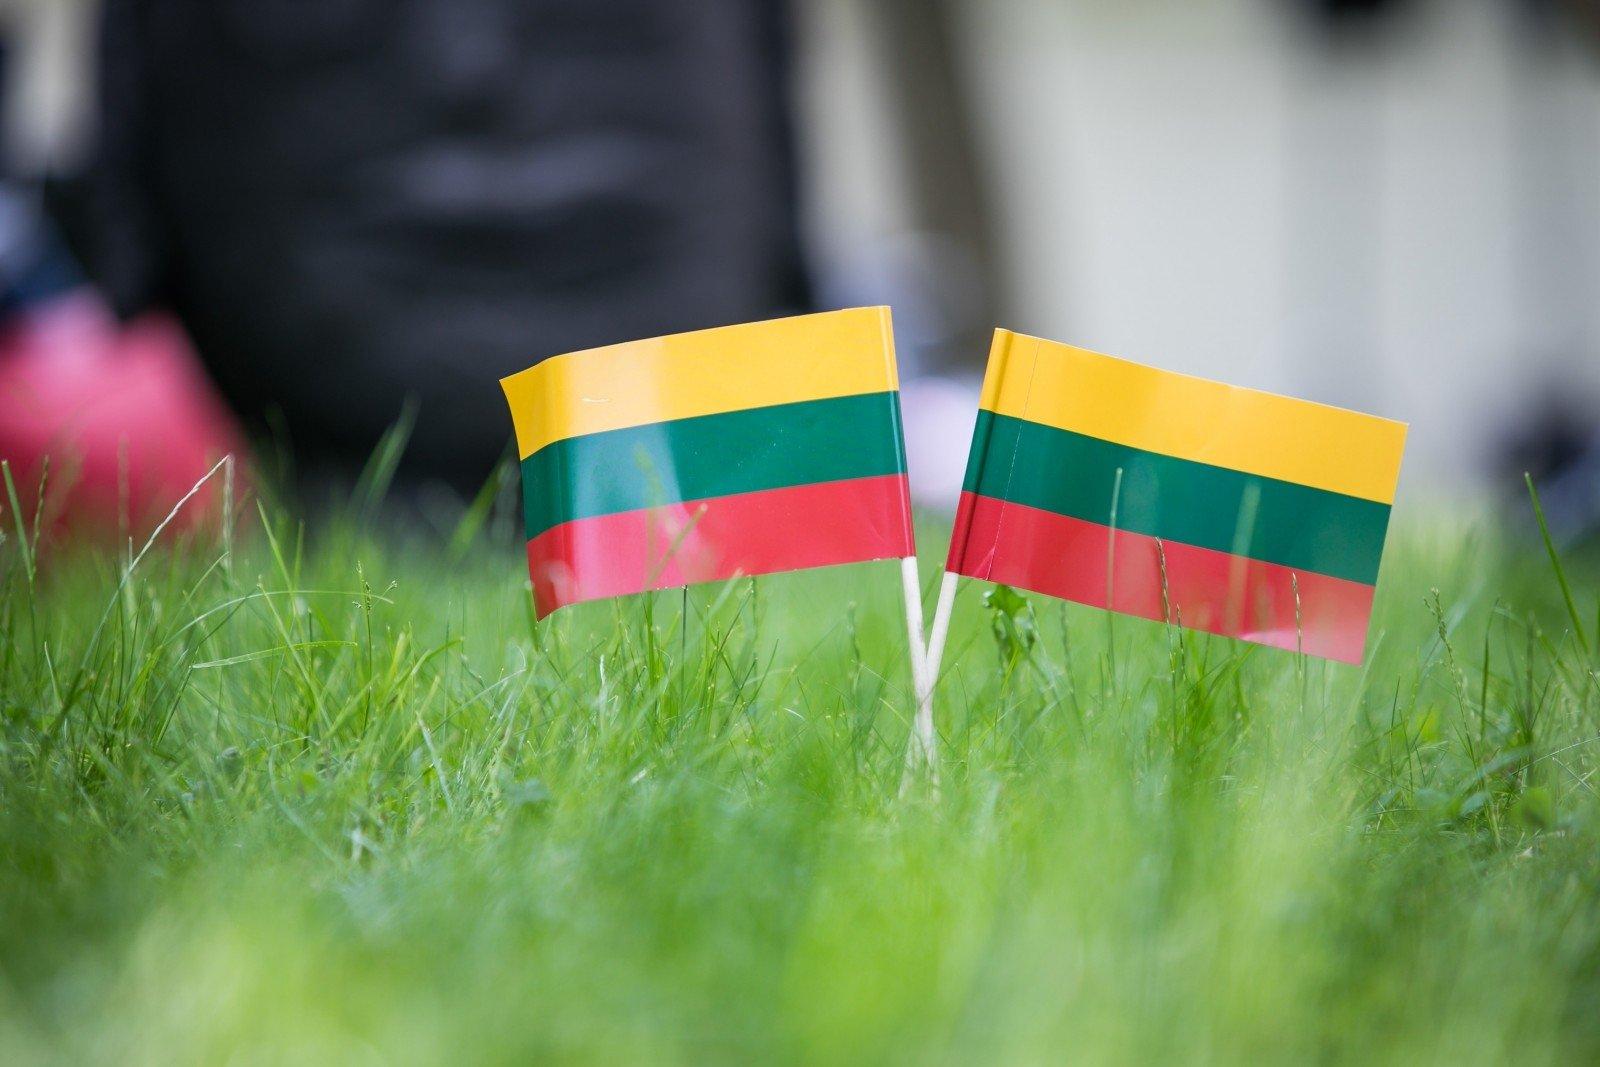 Бизнесменов из Прибалтики пора призвать к порядку